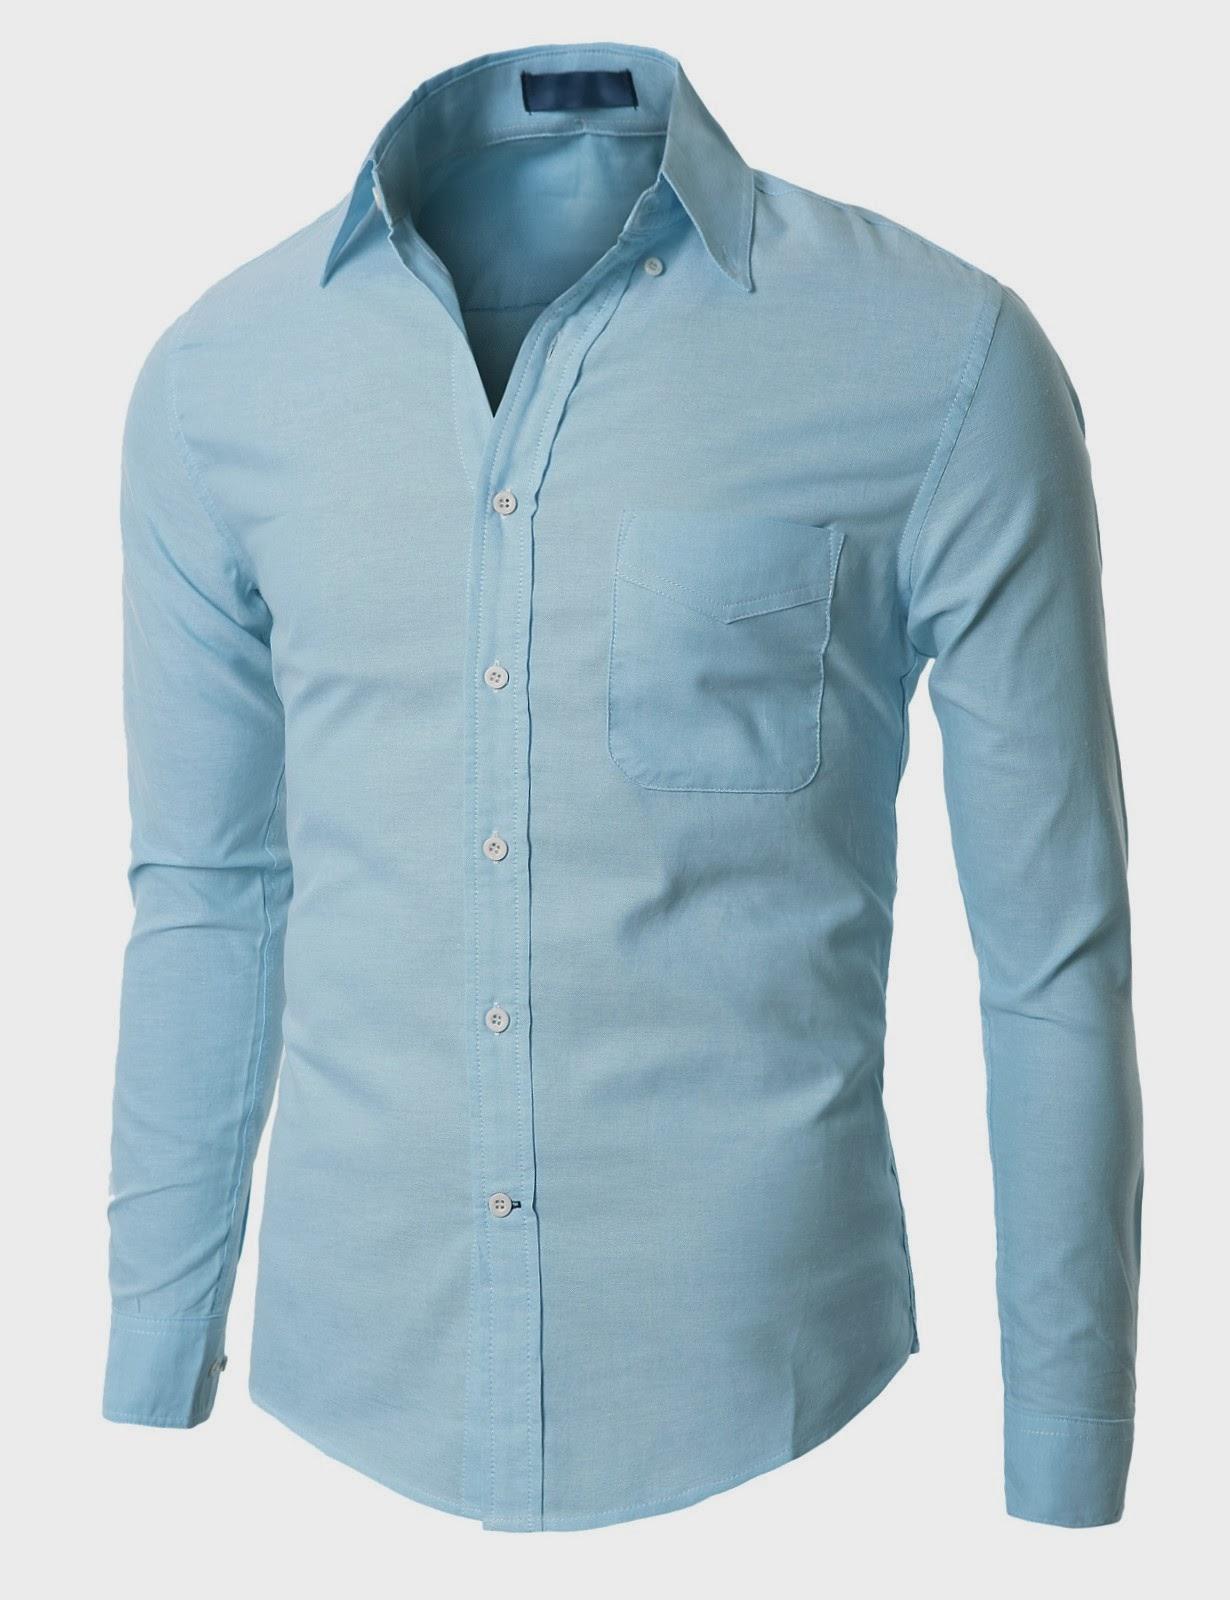 Blue Men Dress Shirt